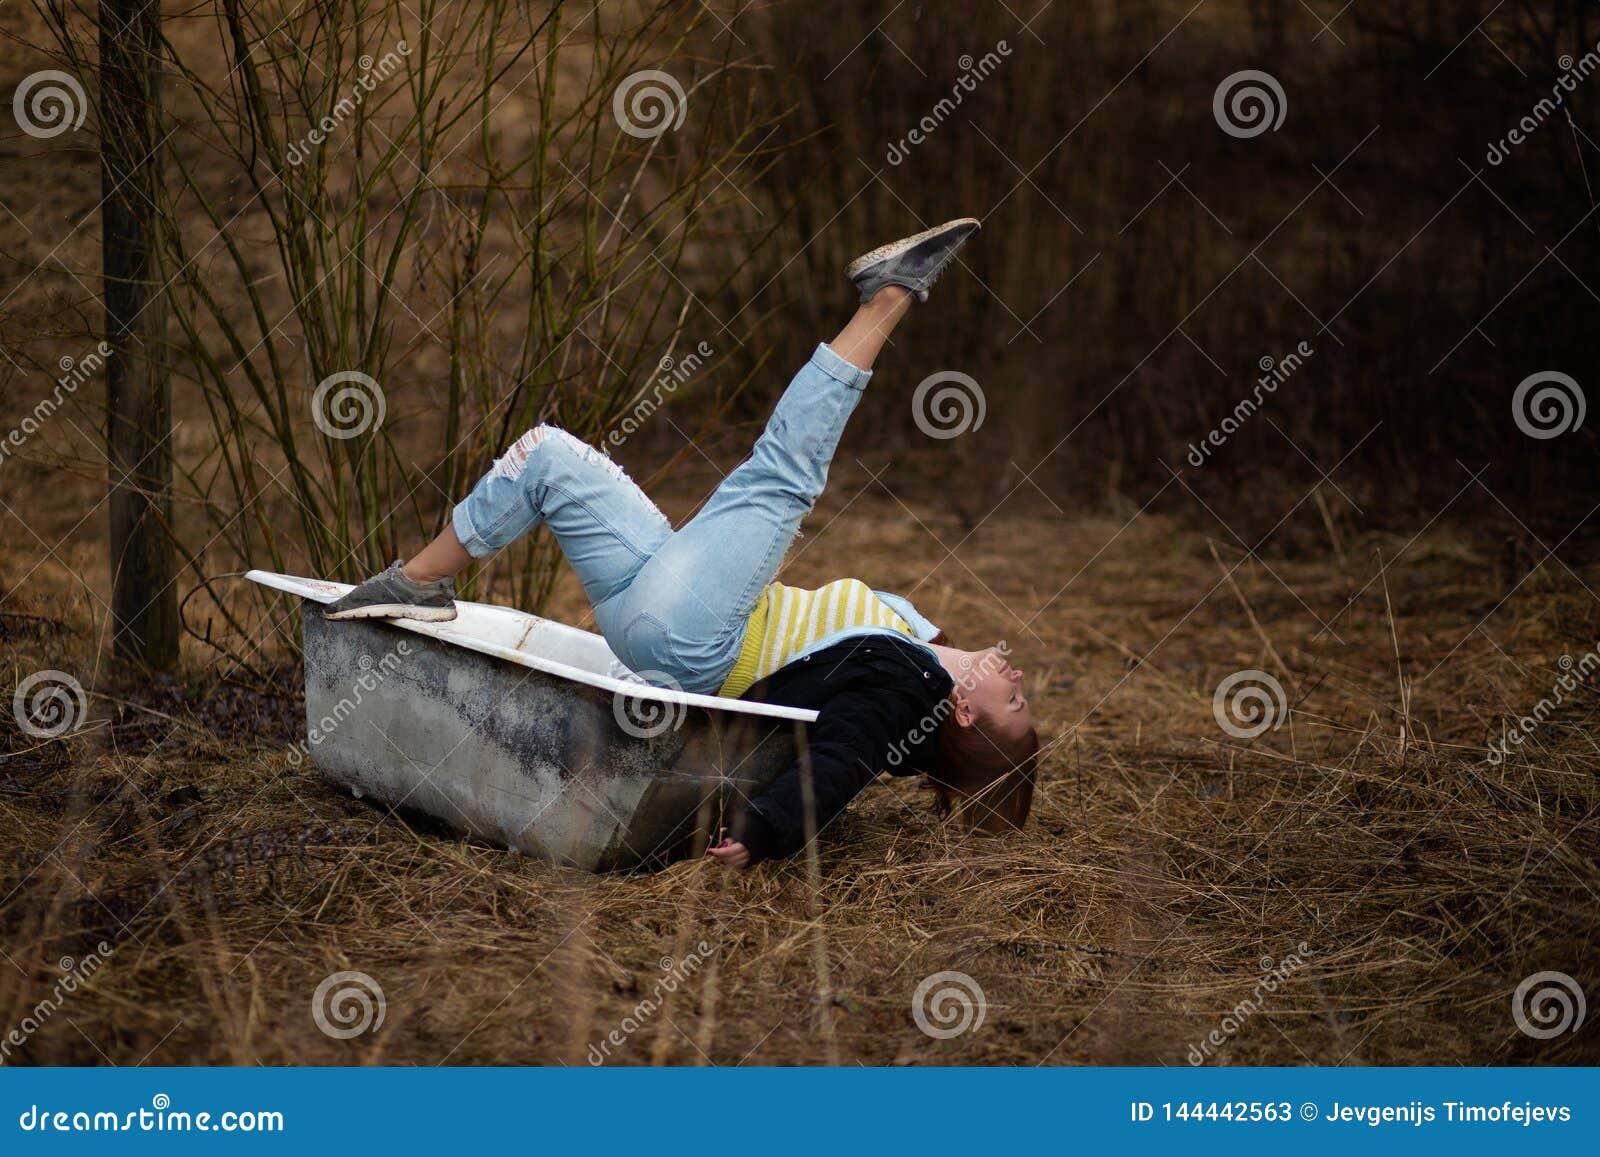 Junge Frau in der Kleidung nimmt ein leeres altes Bad mitten in einem Wald